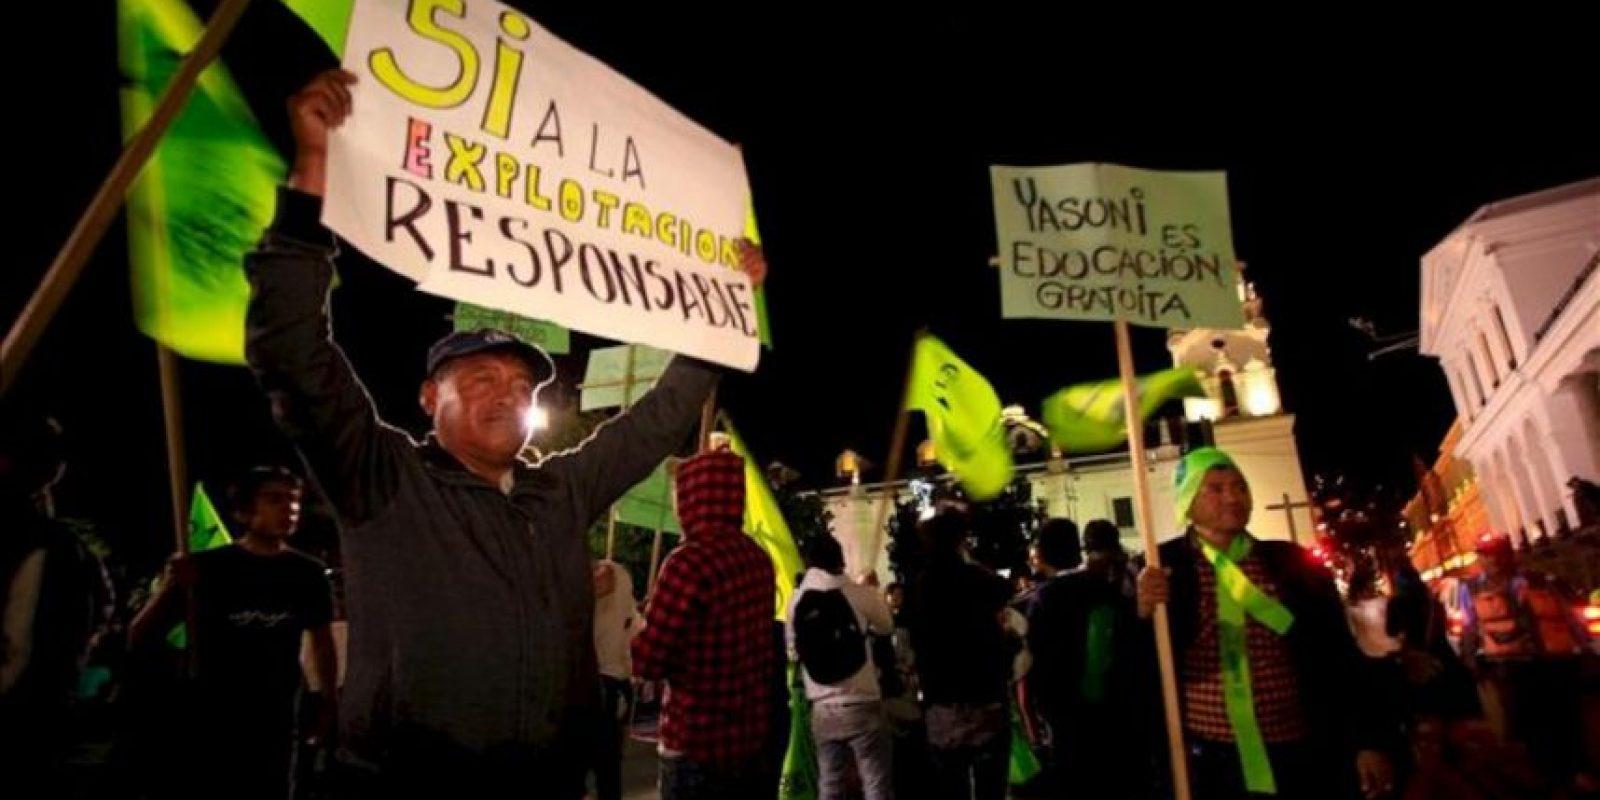 Manifestantes ecuatorianos protestan a favor de la explotación de la reserva ecológica Yasuní-ITT el 22 de agosto de 2013, a las afueras del Palacio de Gobierno, en Quito (Ecuador). EFE